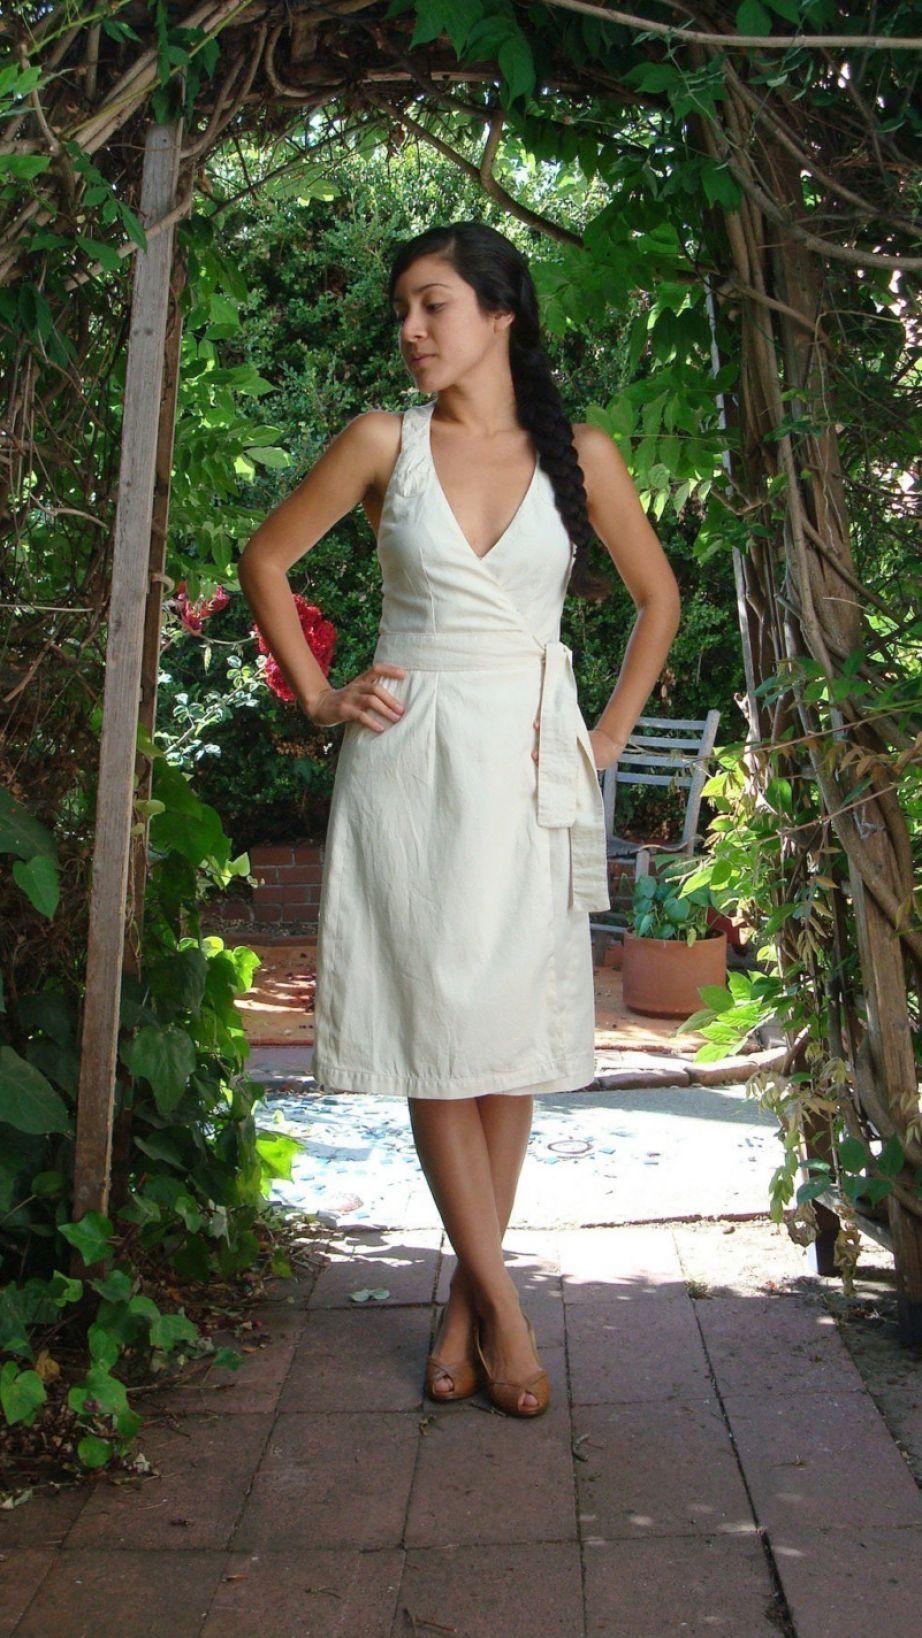 wedding dresses large bust | Best wedding dress for big bust ...